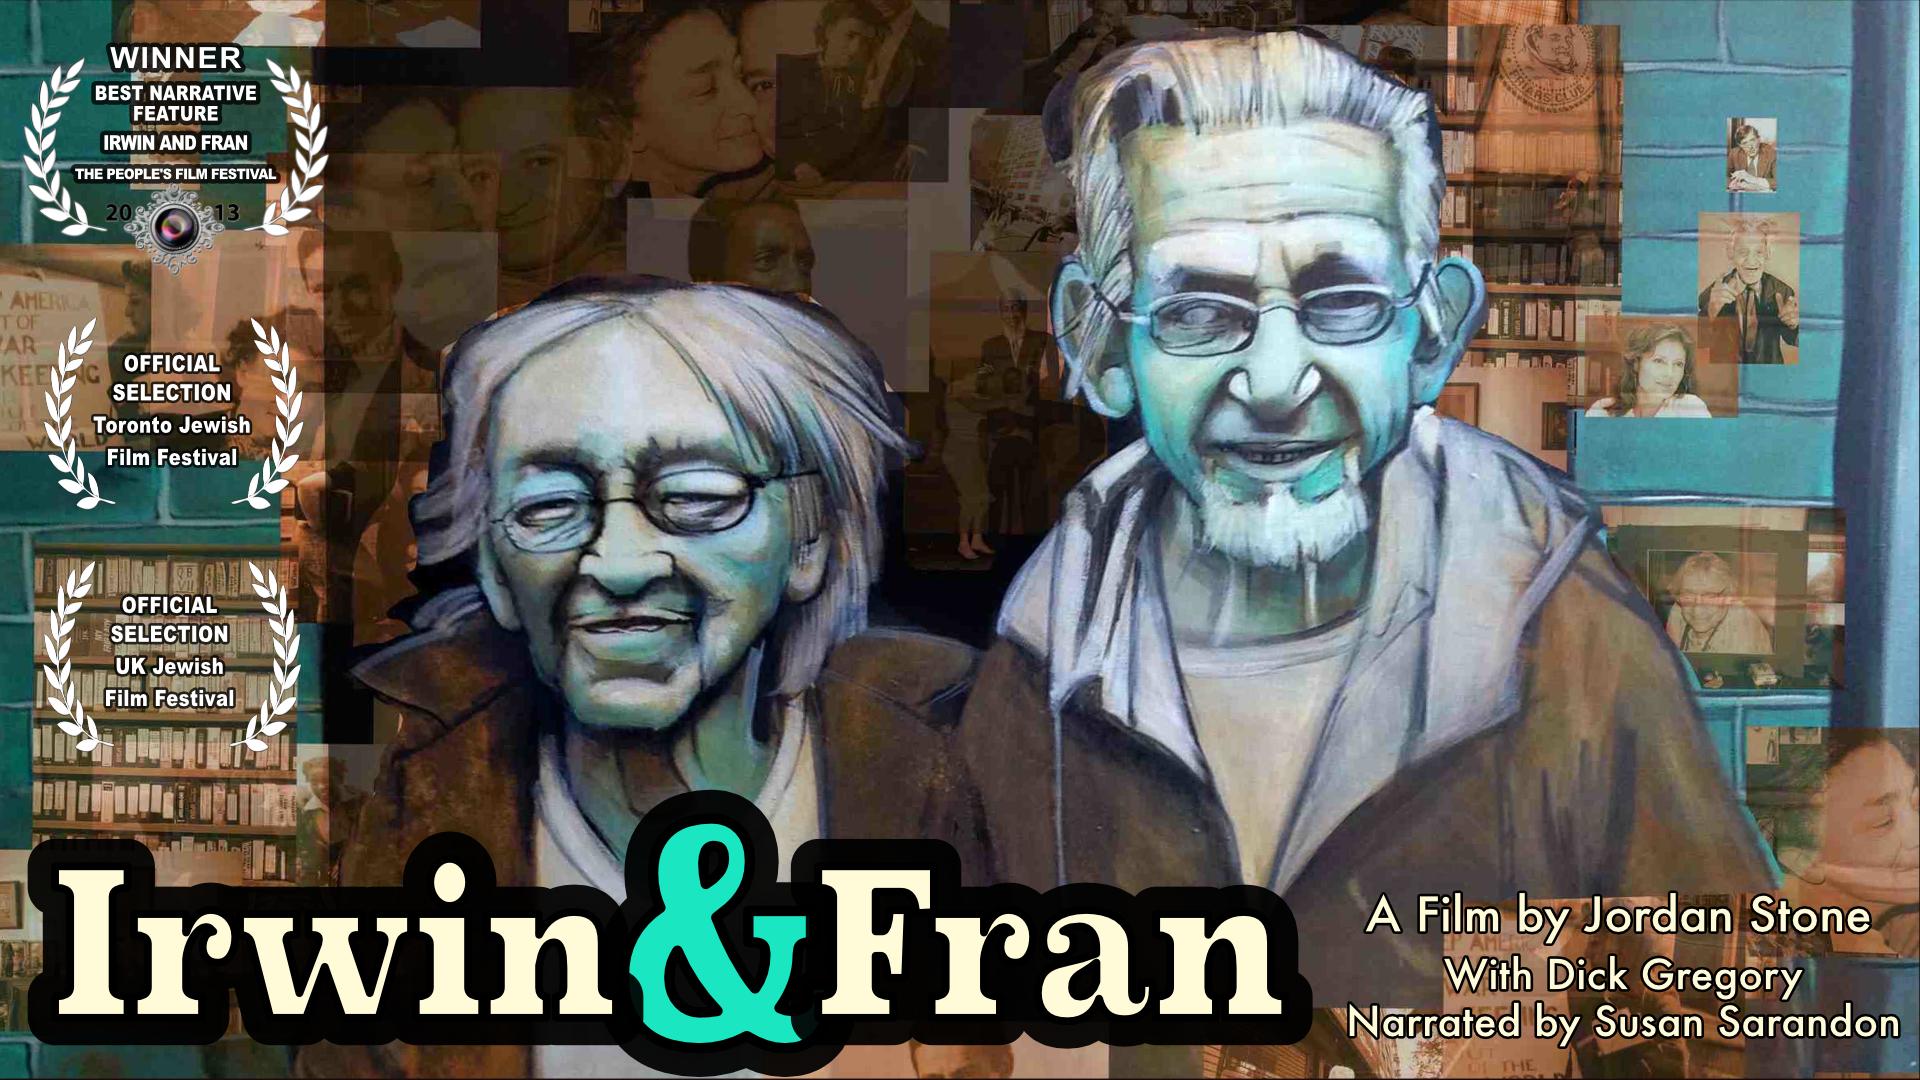 Irwin & Fran